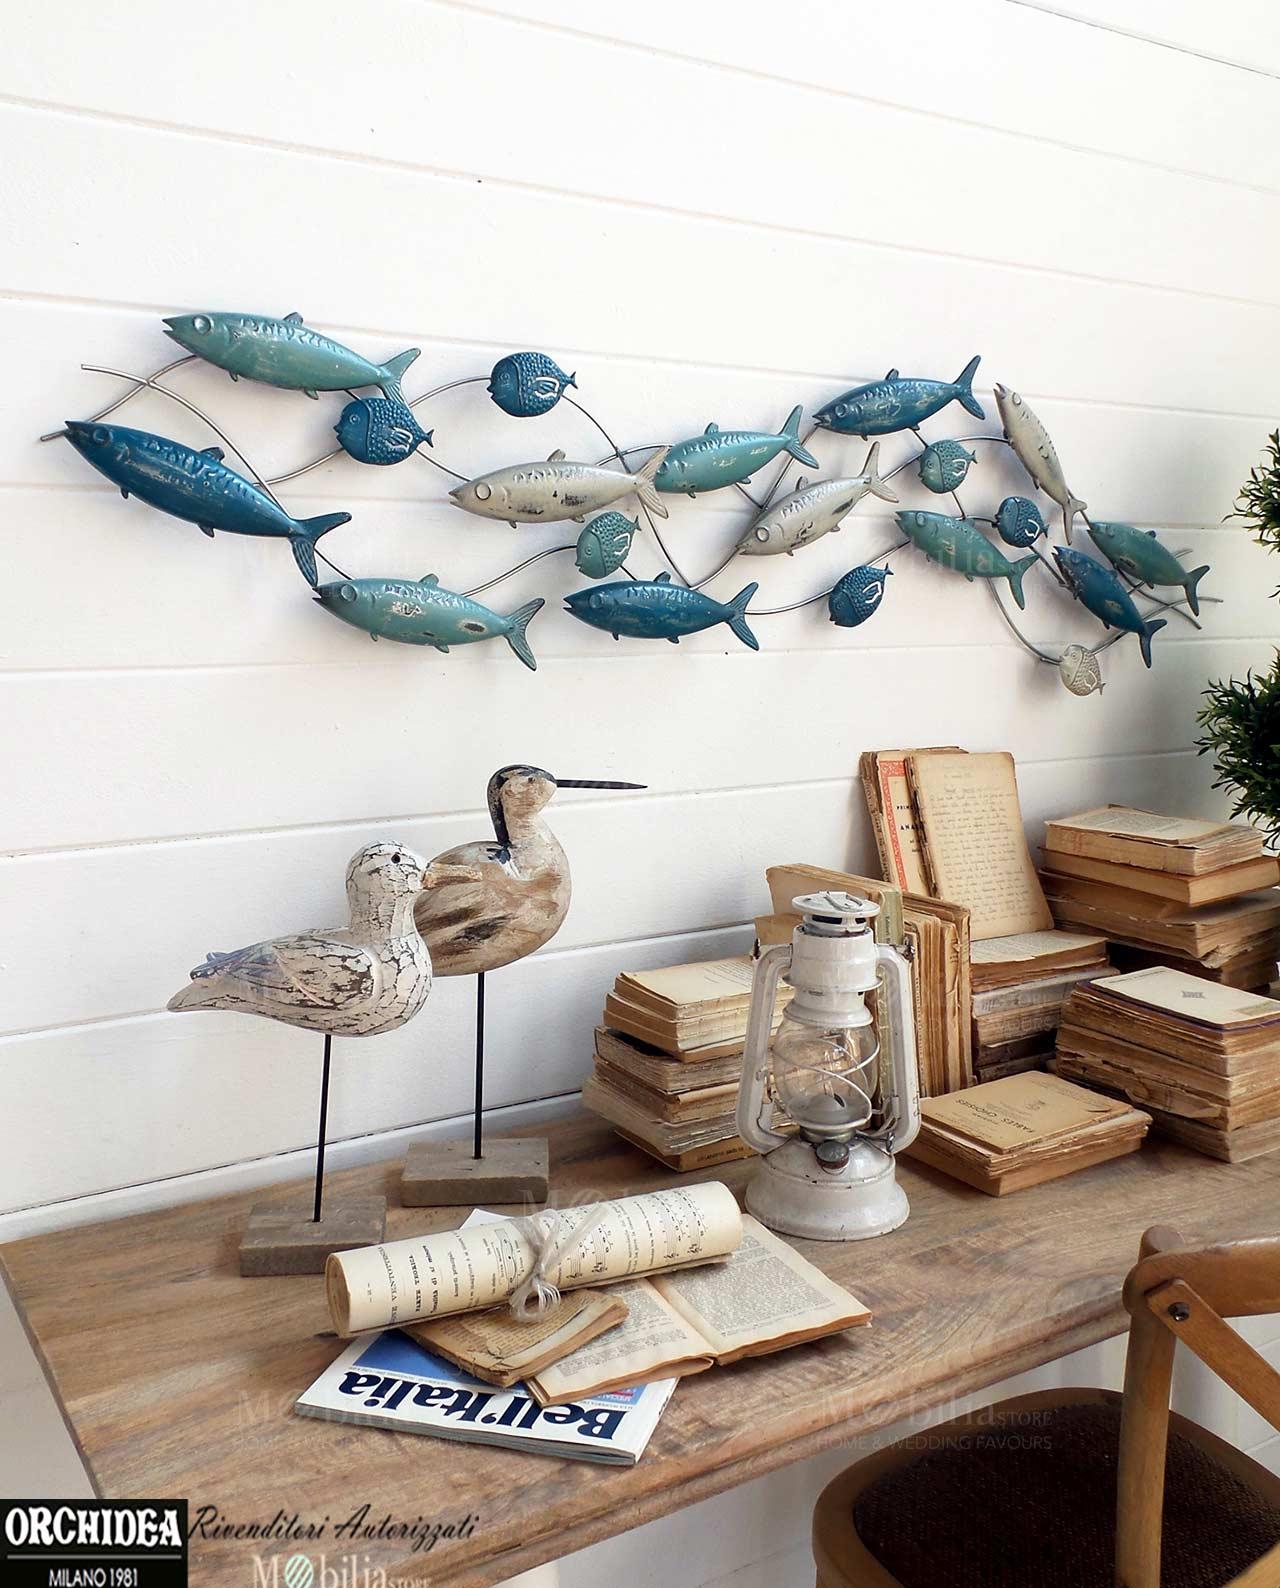 Pannelli decorativi per pareti con pesci - Pannelli decorativi pareti ...